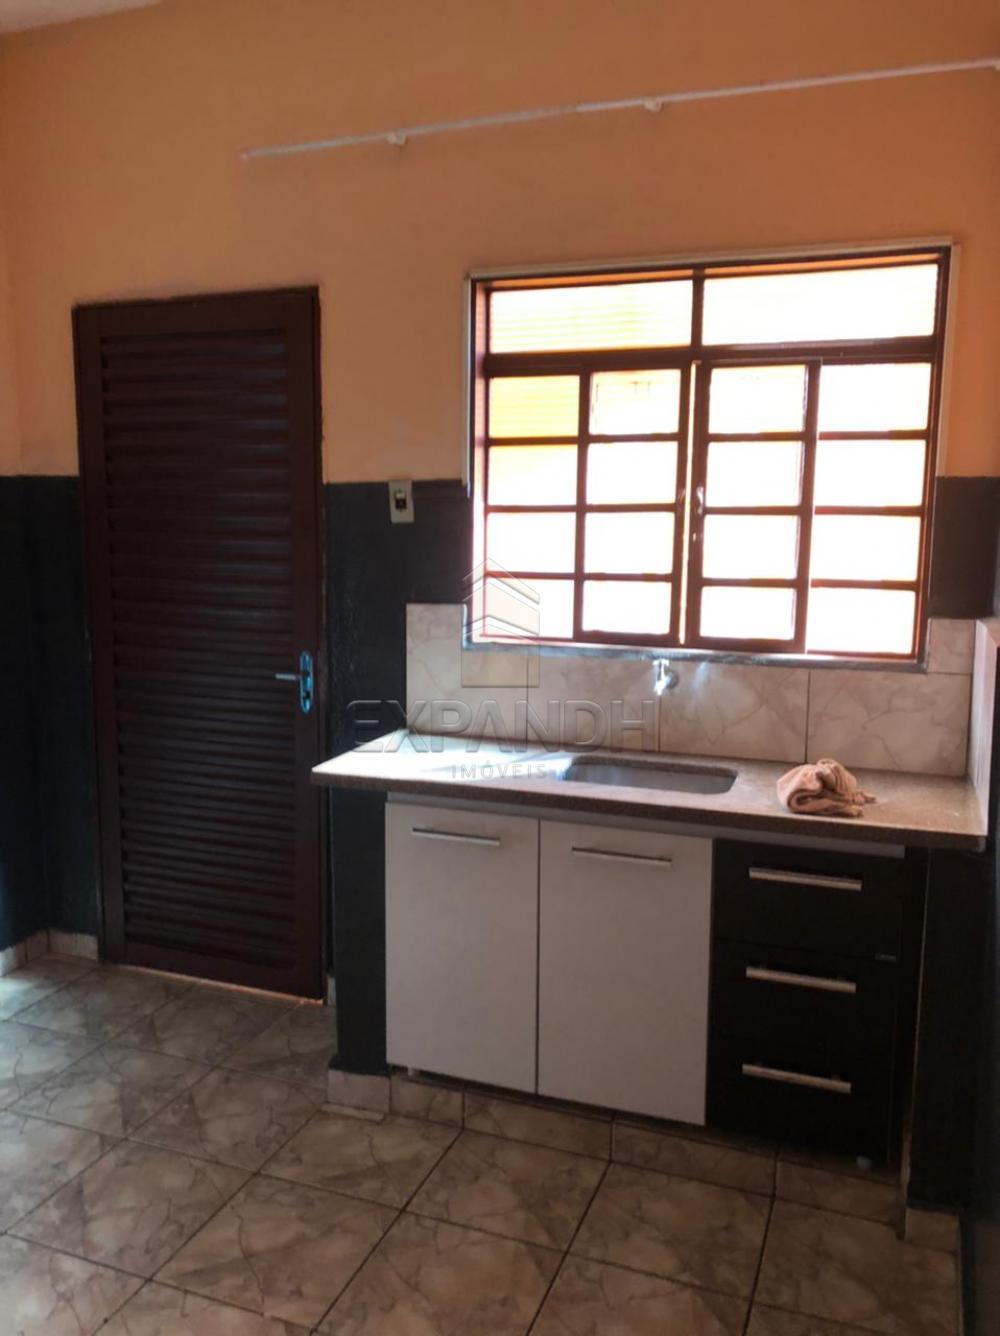 Alugar Casas / Padrão em Sertãozinho R$ 600,00 - Foto 11